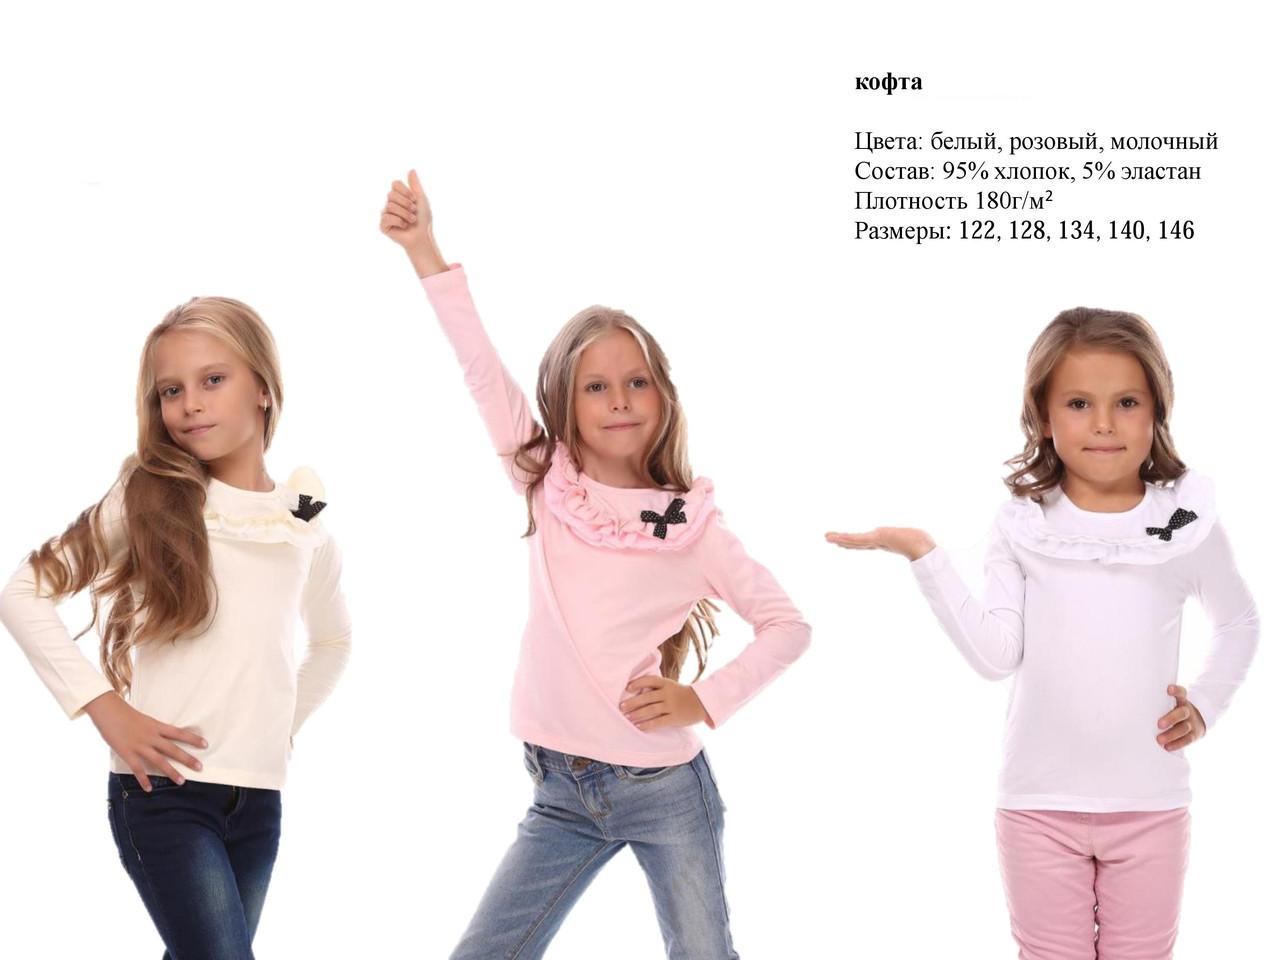 Блуза для девочки Эльга Размер 122 - 146 см